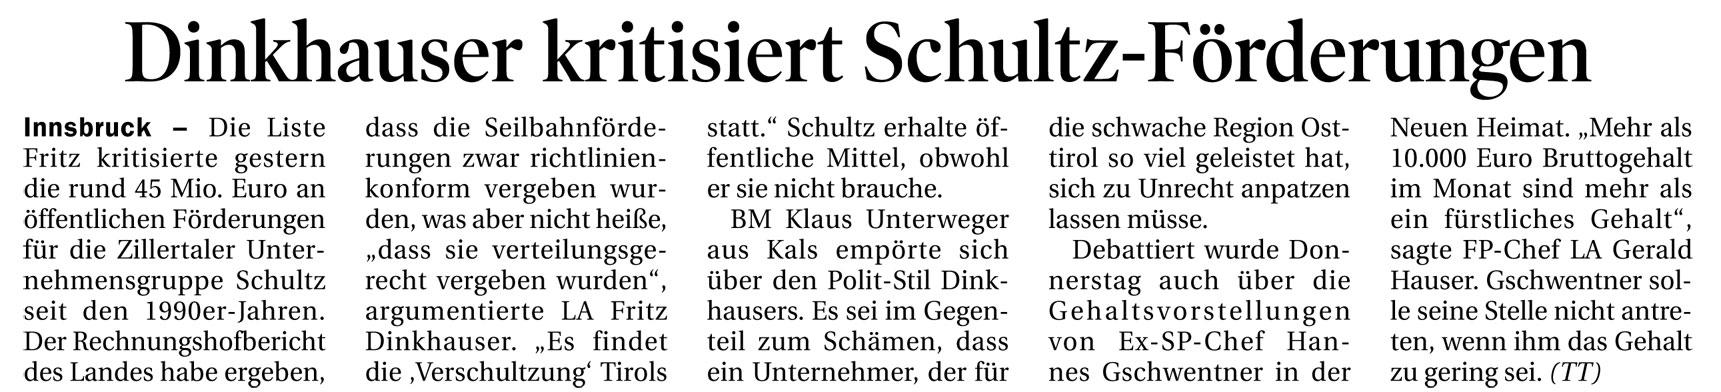 Bericht der Tiroler Tageszeitung zur Verschultzung Tirols